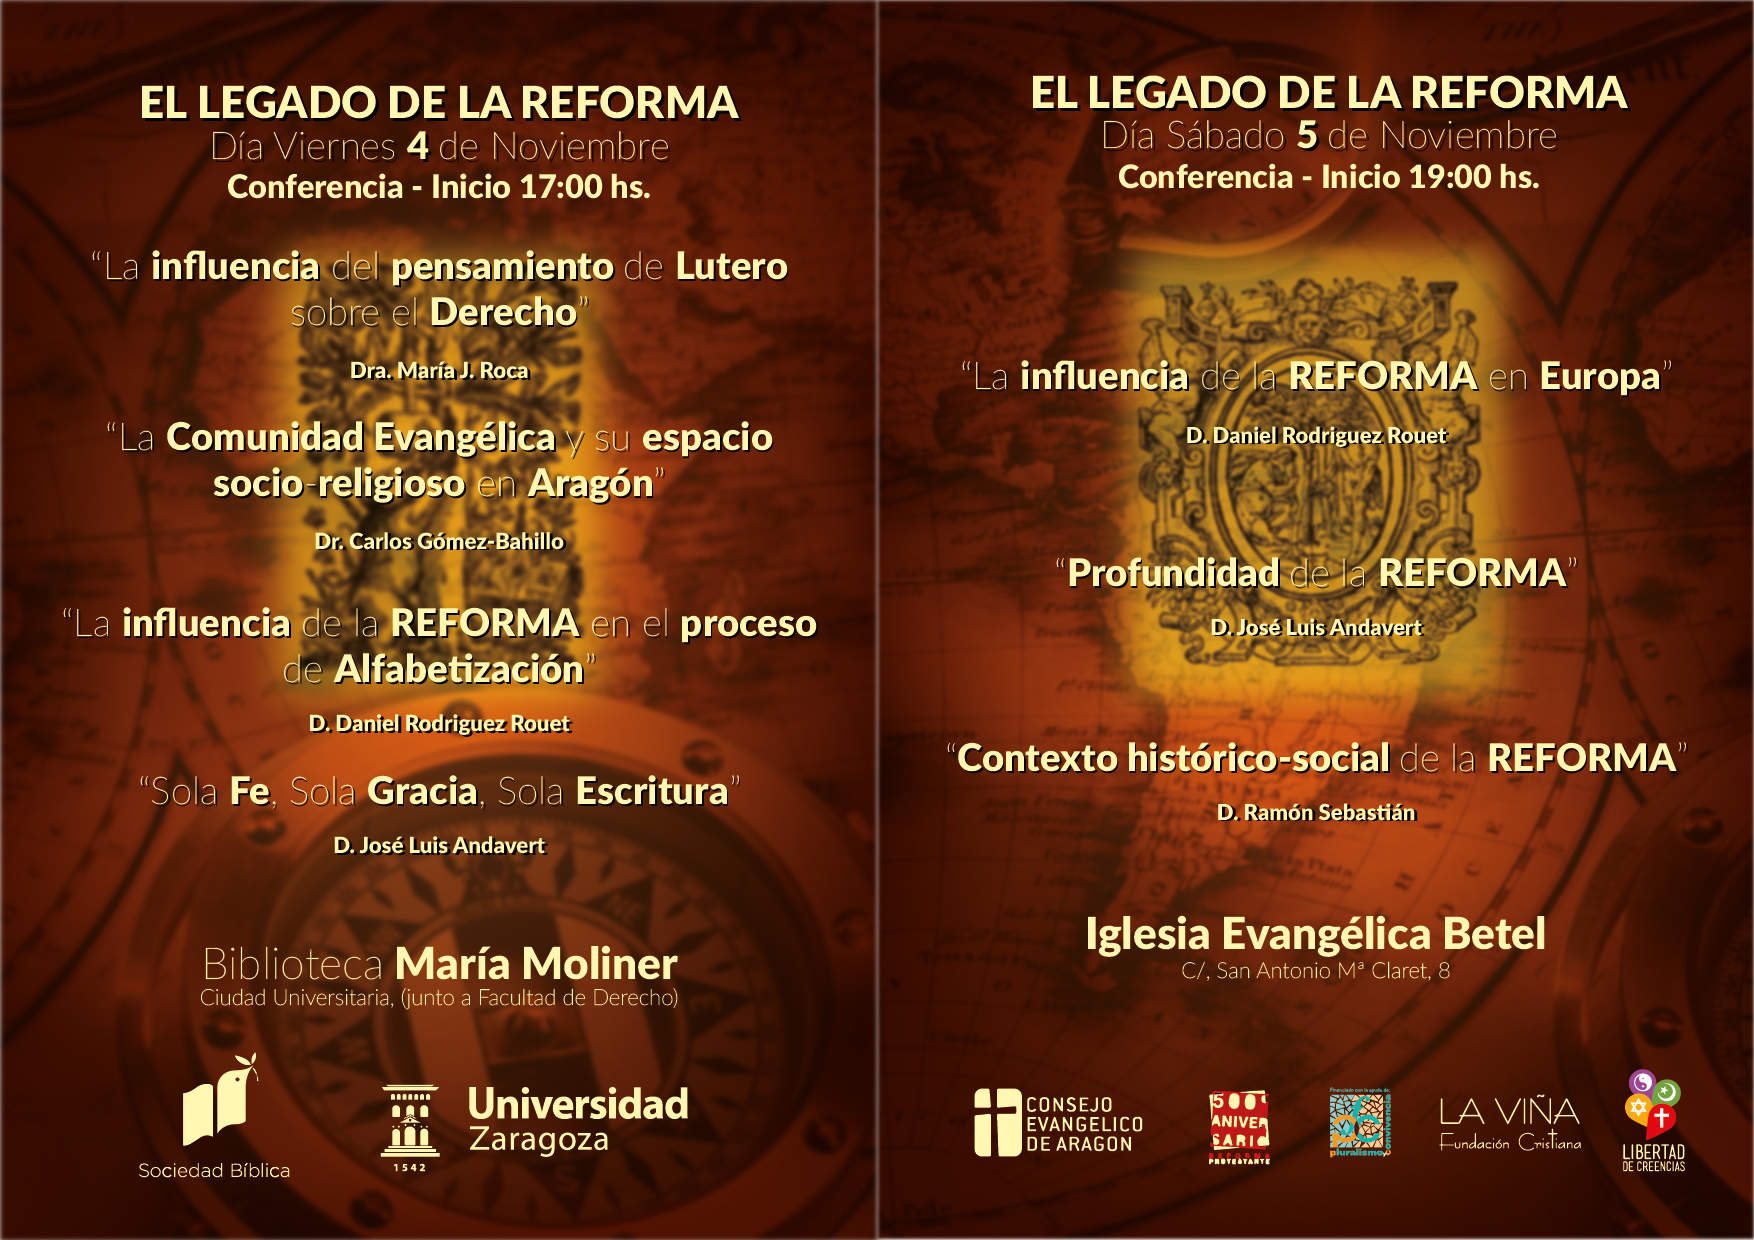 CEAR – Consejo Evangélico de Aragón